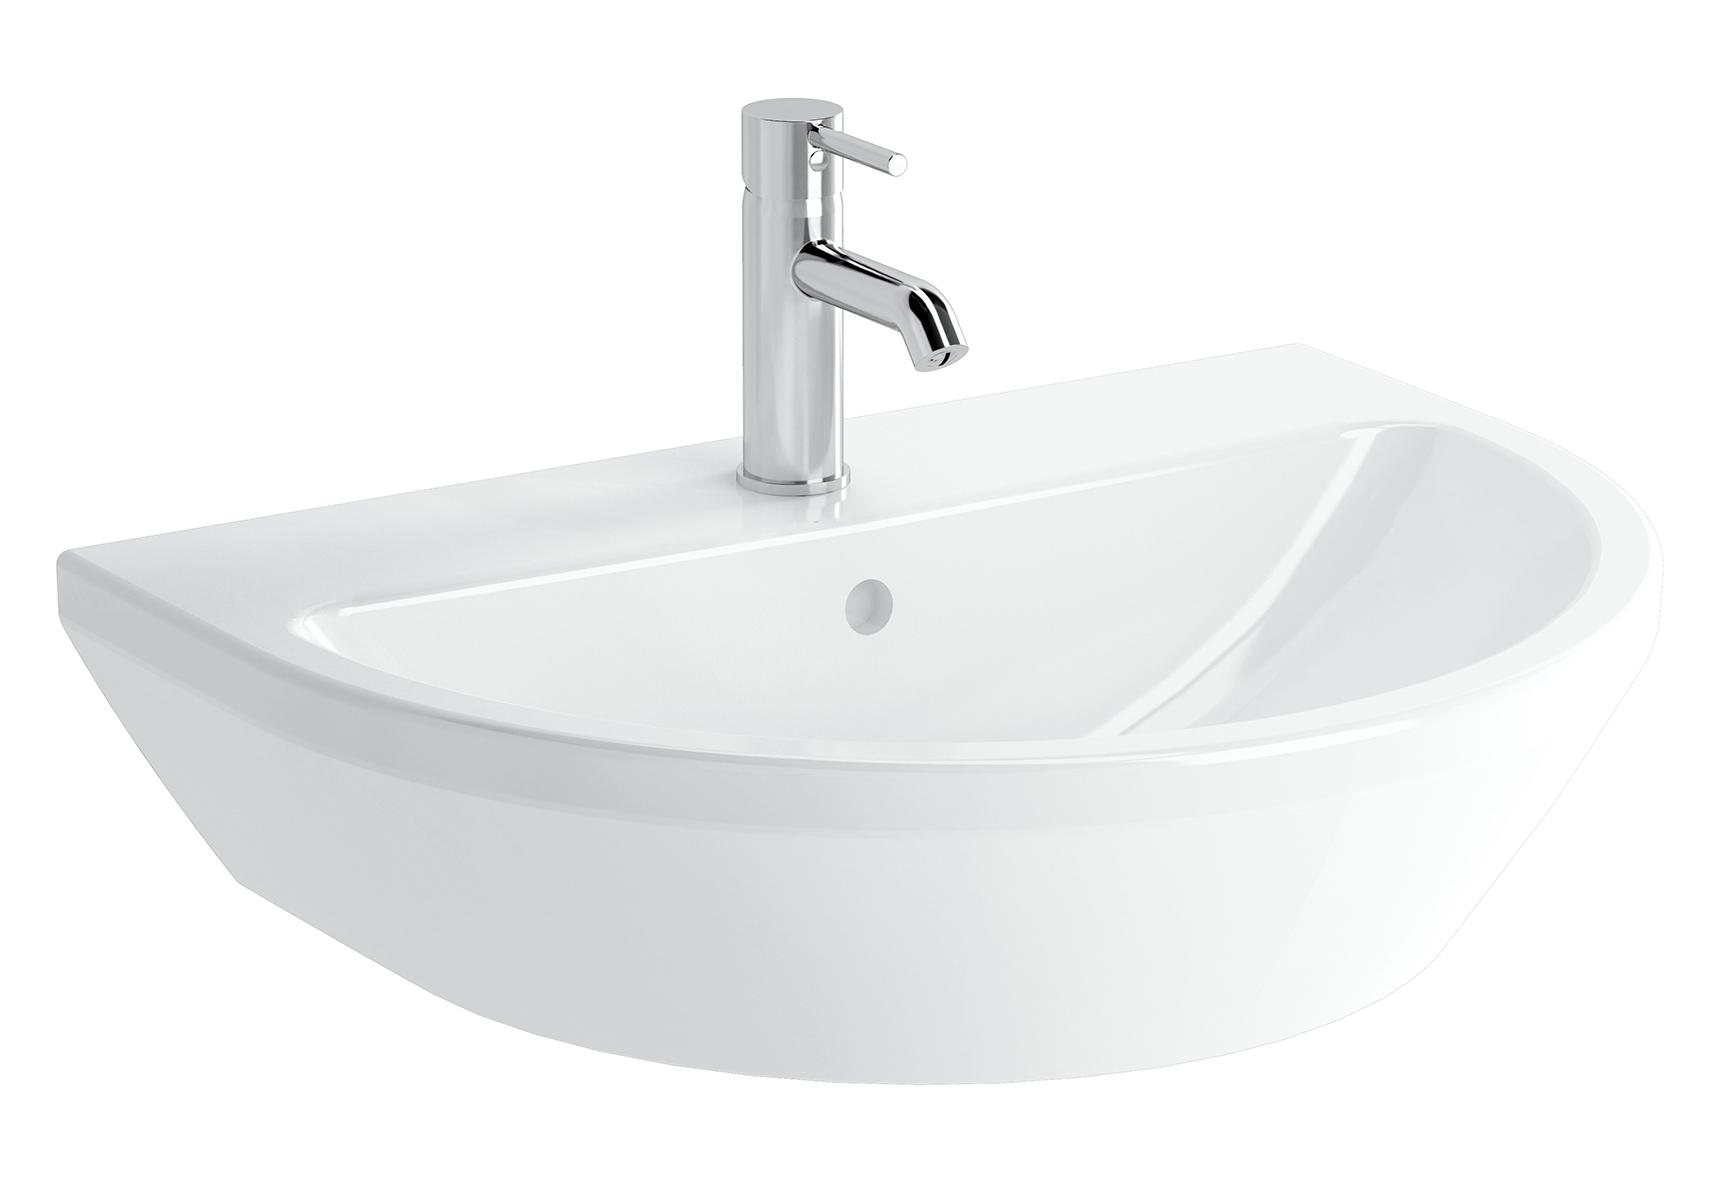 Integra lavabo rond, 65 cm, avec trou de robinet, sans trop-plein